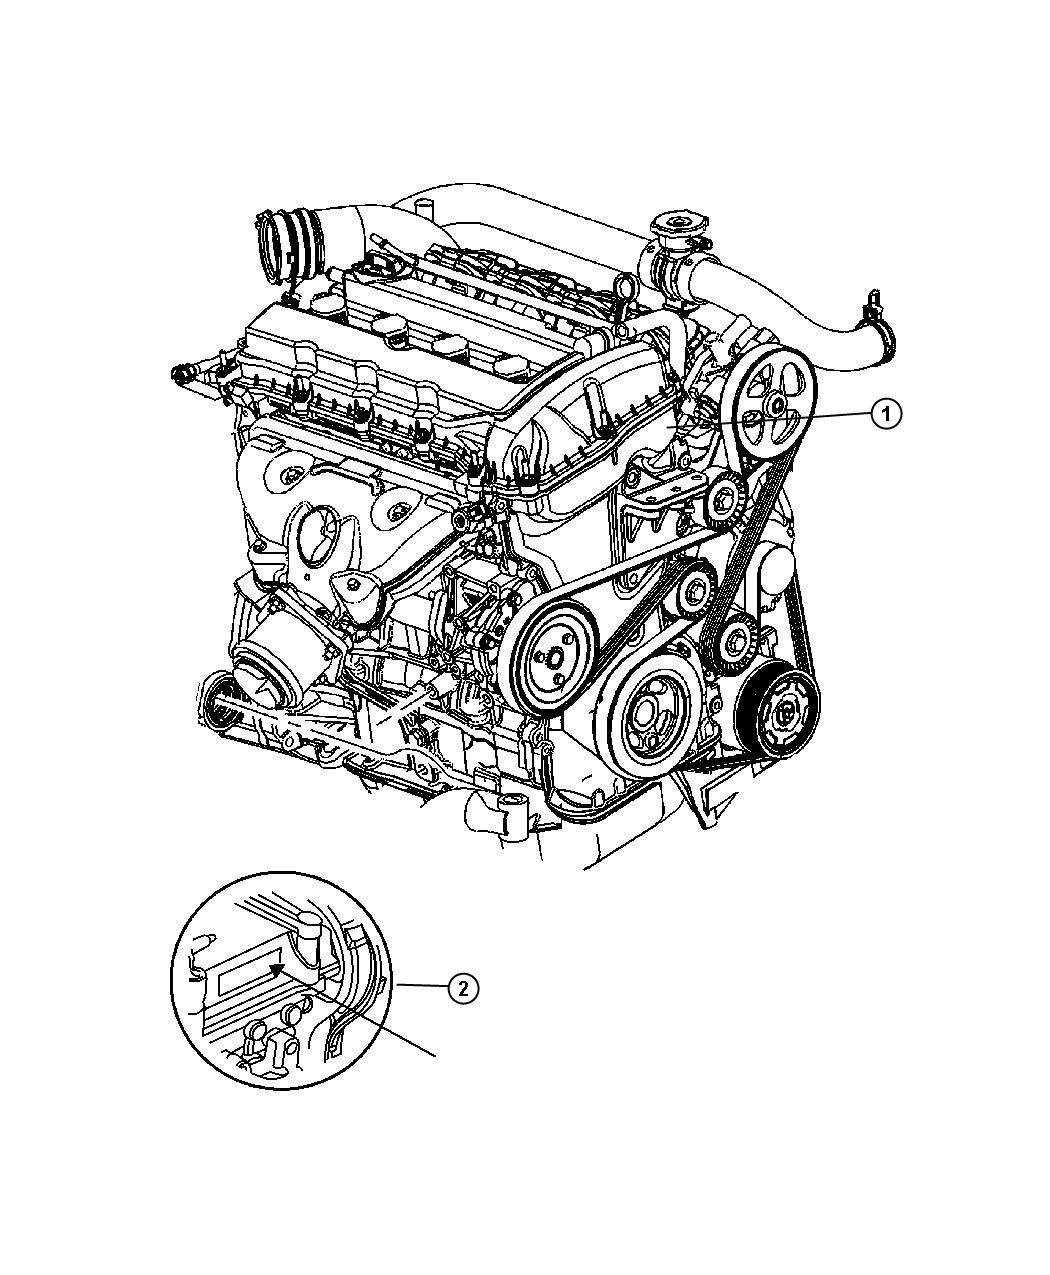 2008 Chrysler Sebring Engine. Long block. Remanufactured